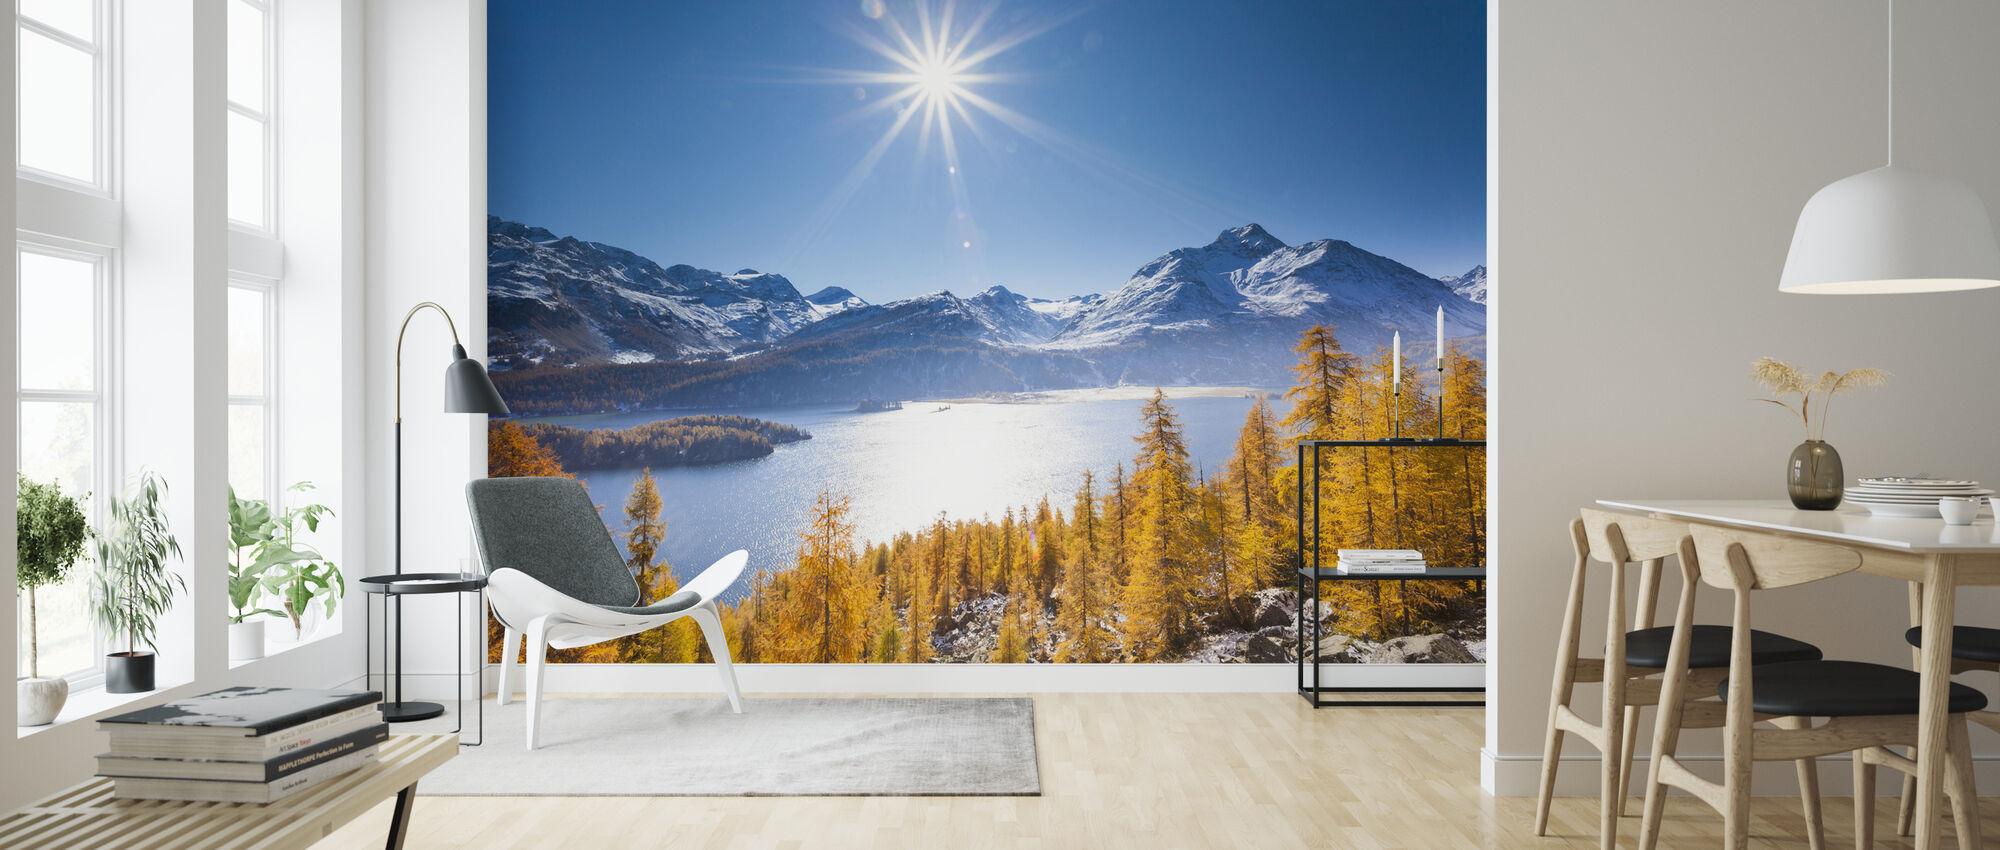 Graubunden, Switzerland - Wallpaper - Living Room